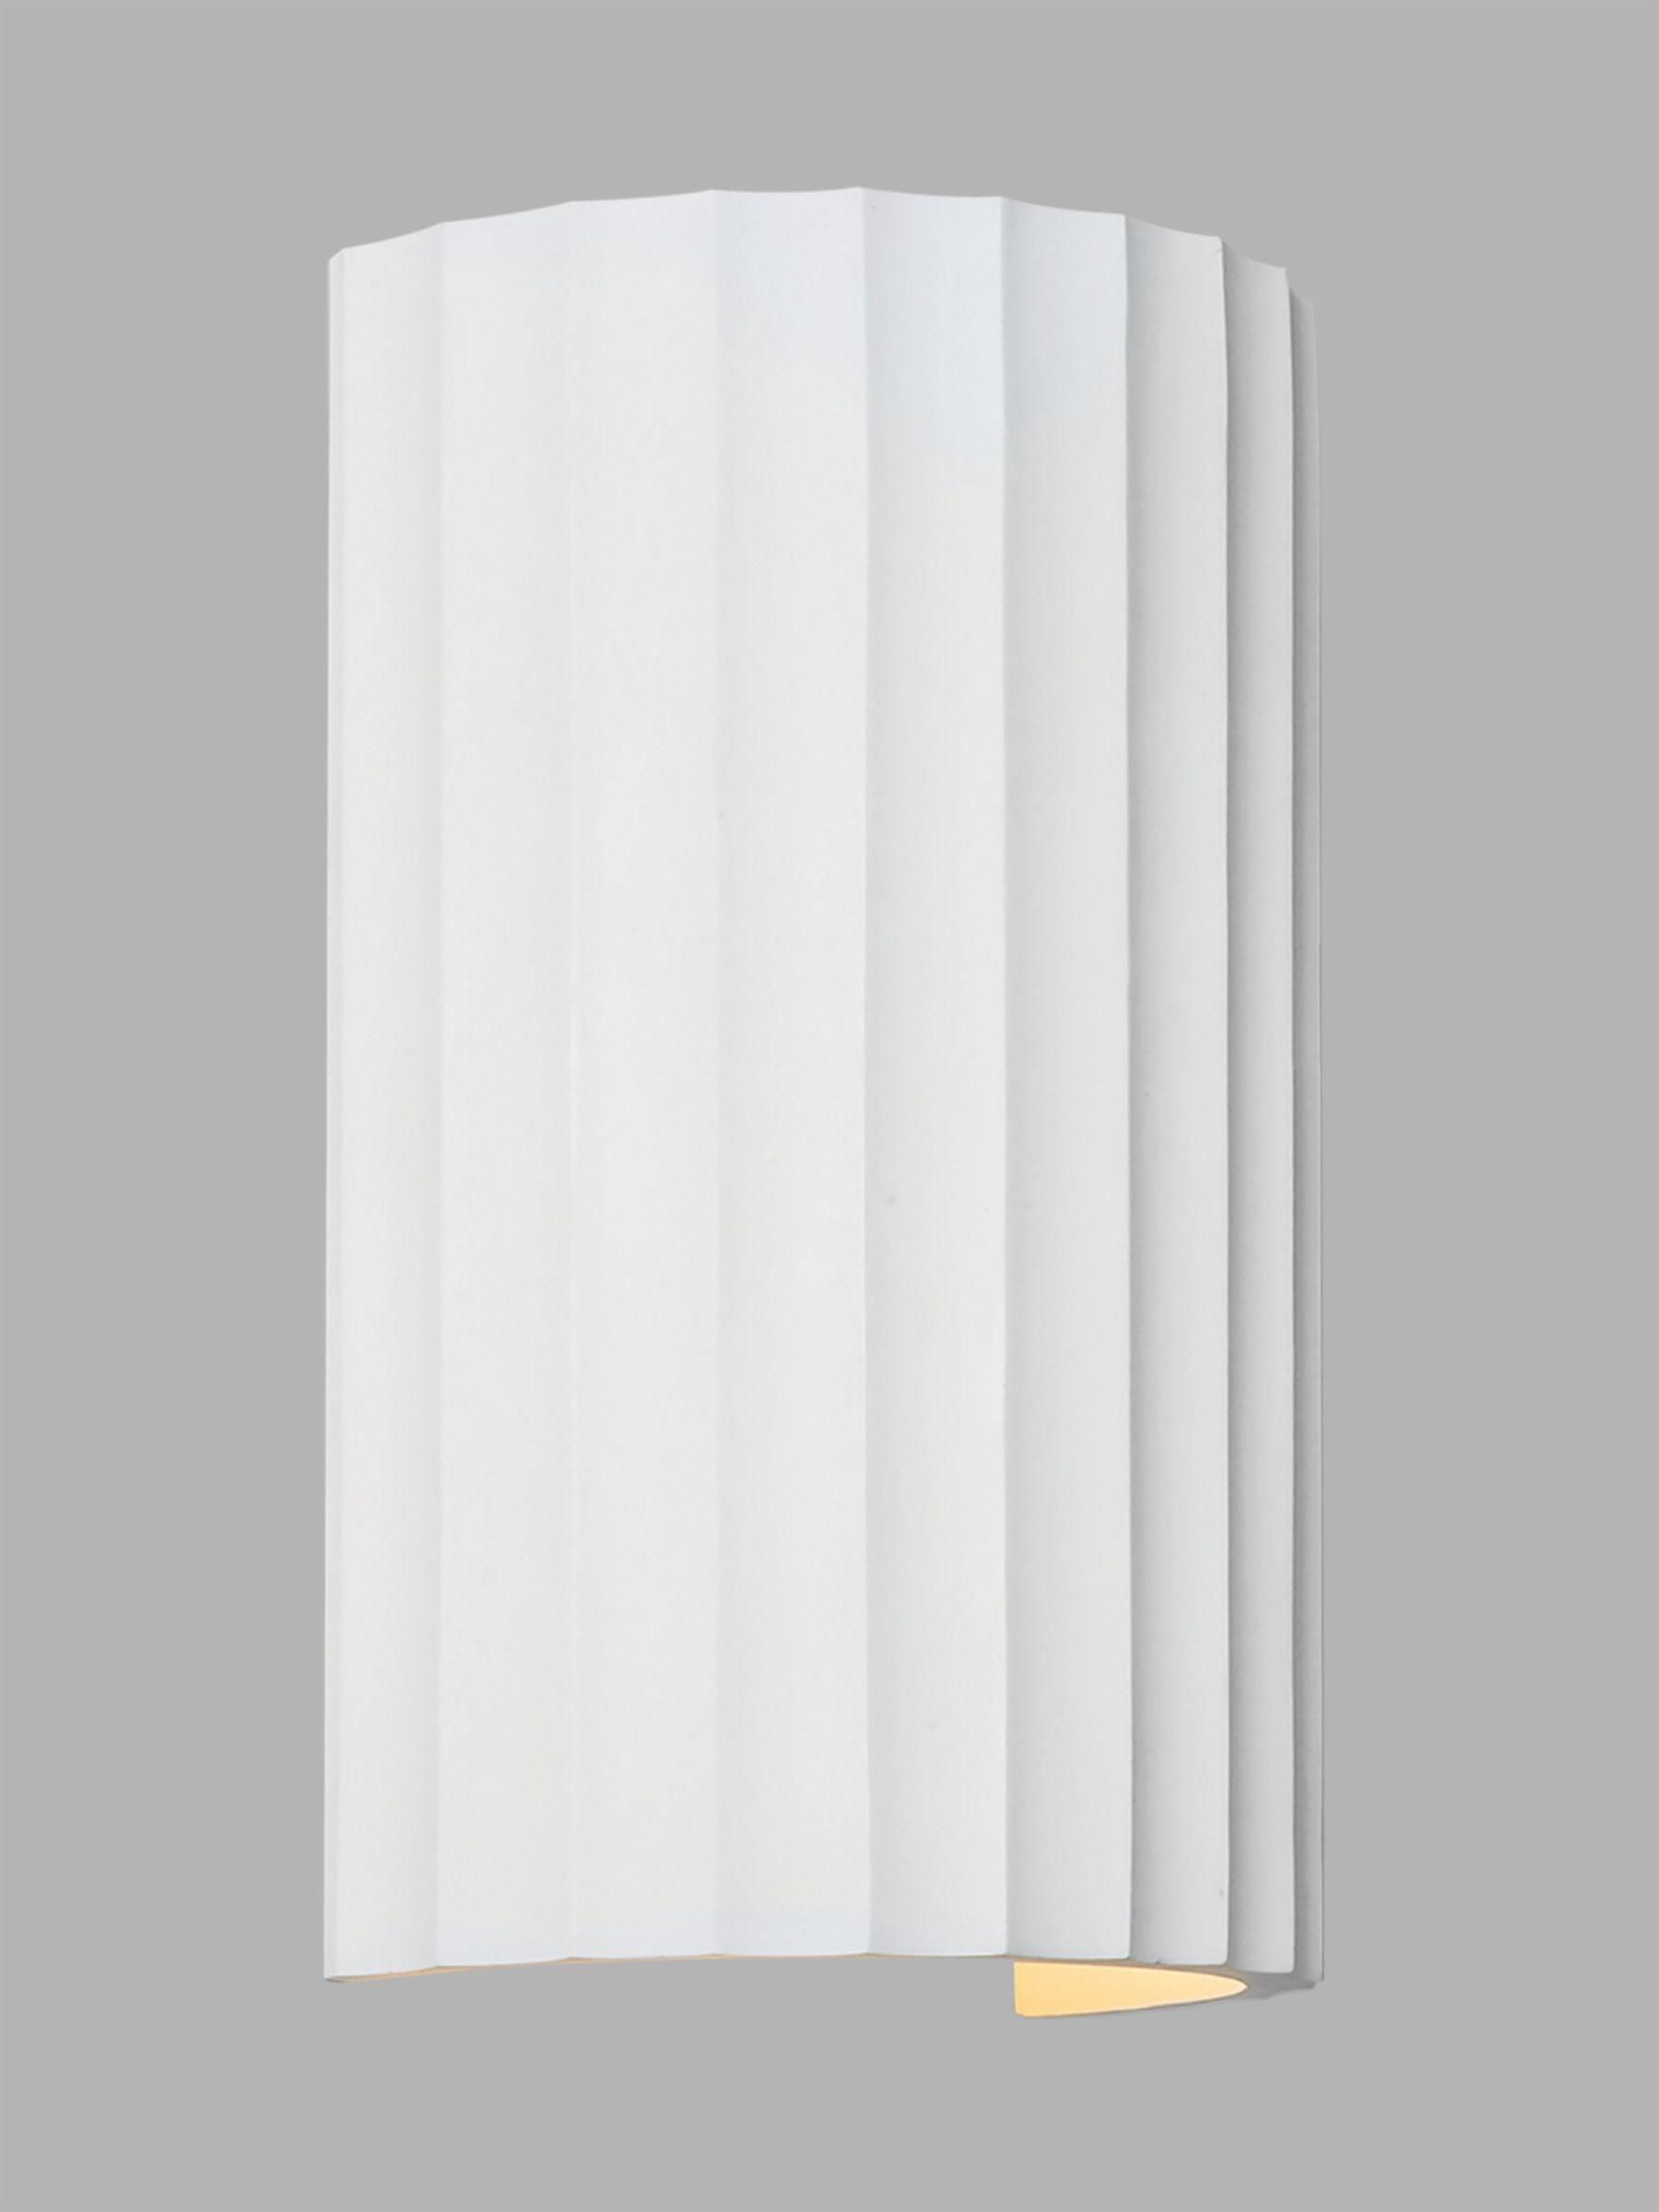 ASTRO Astro Kymi Wall Light, White